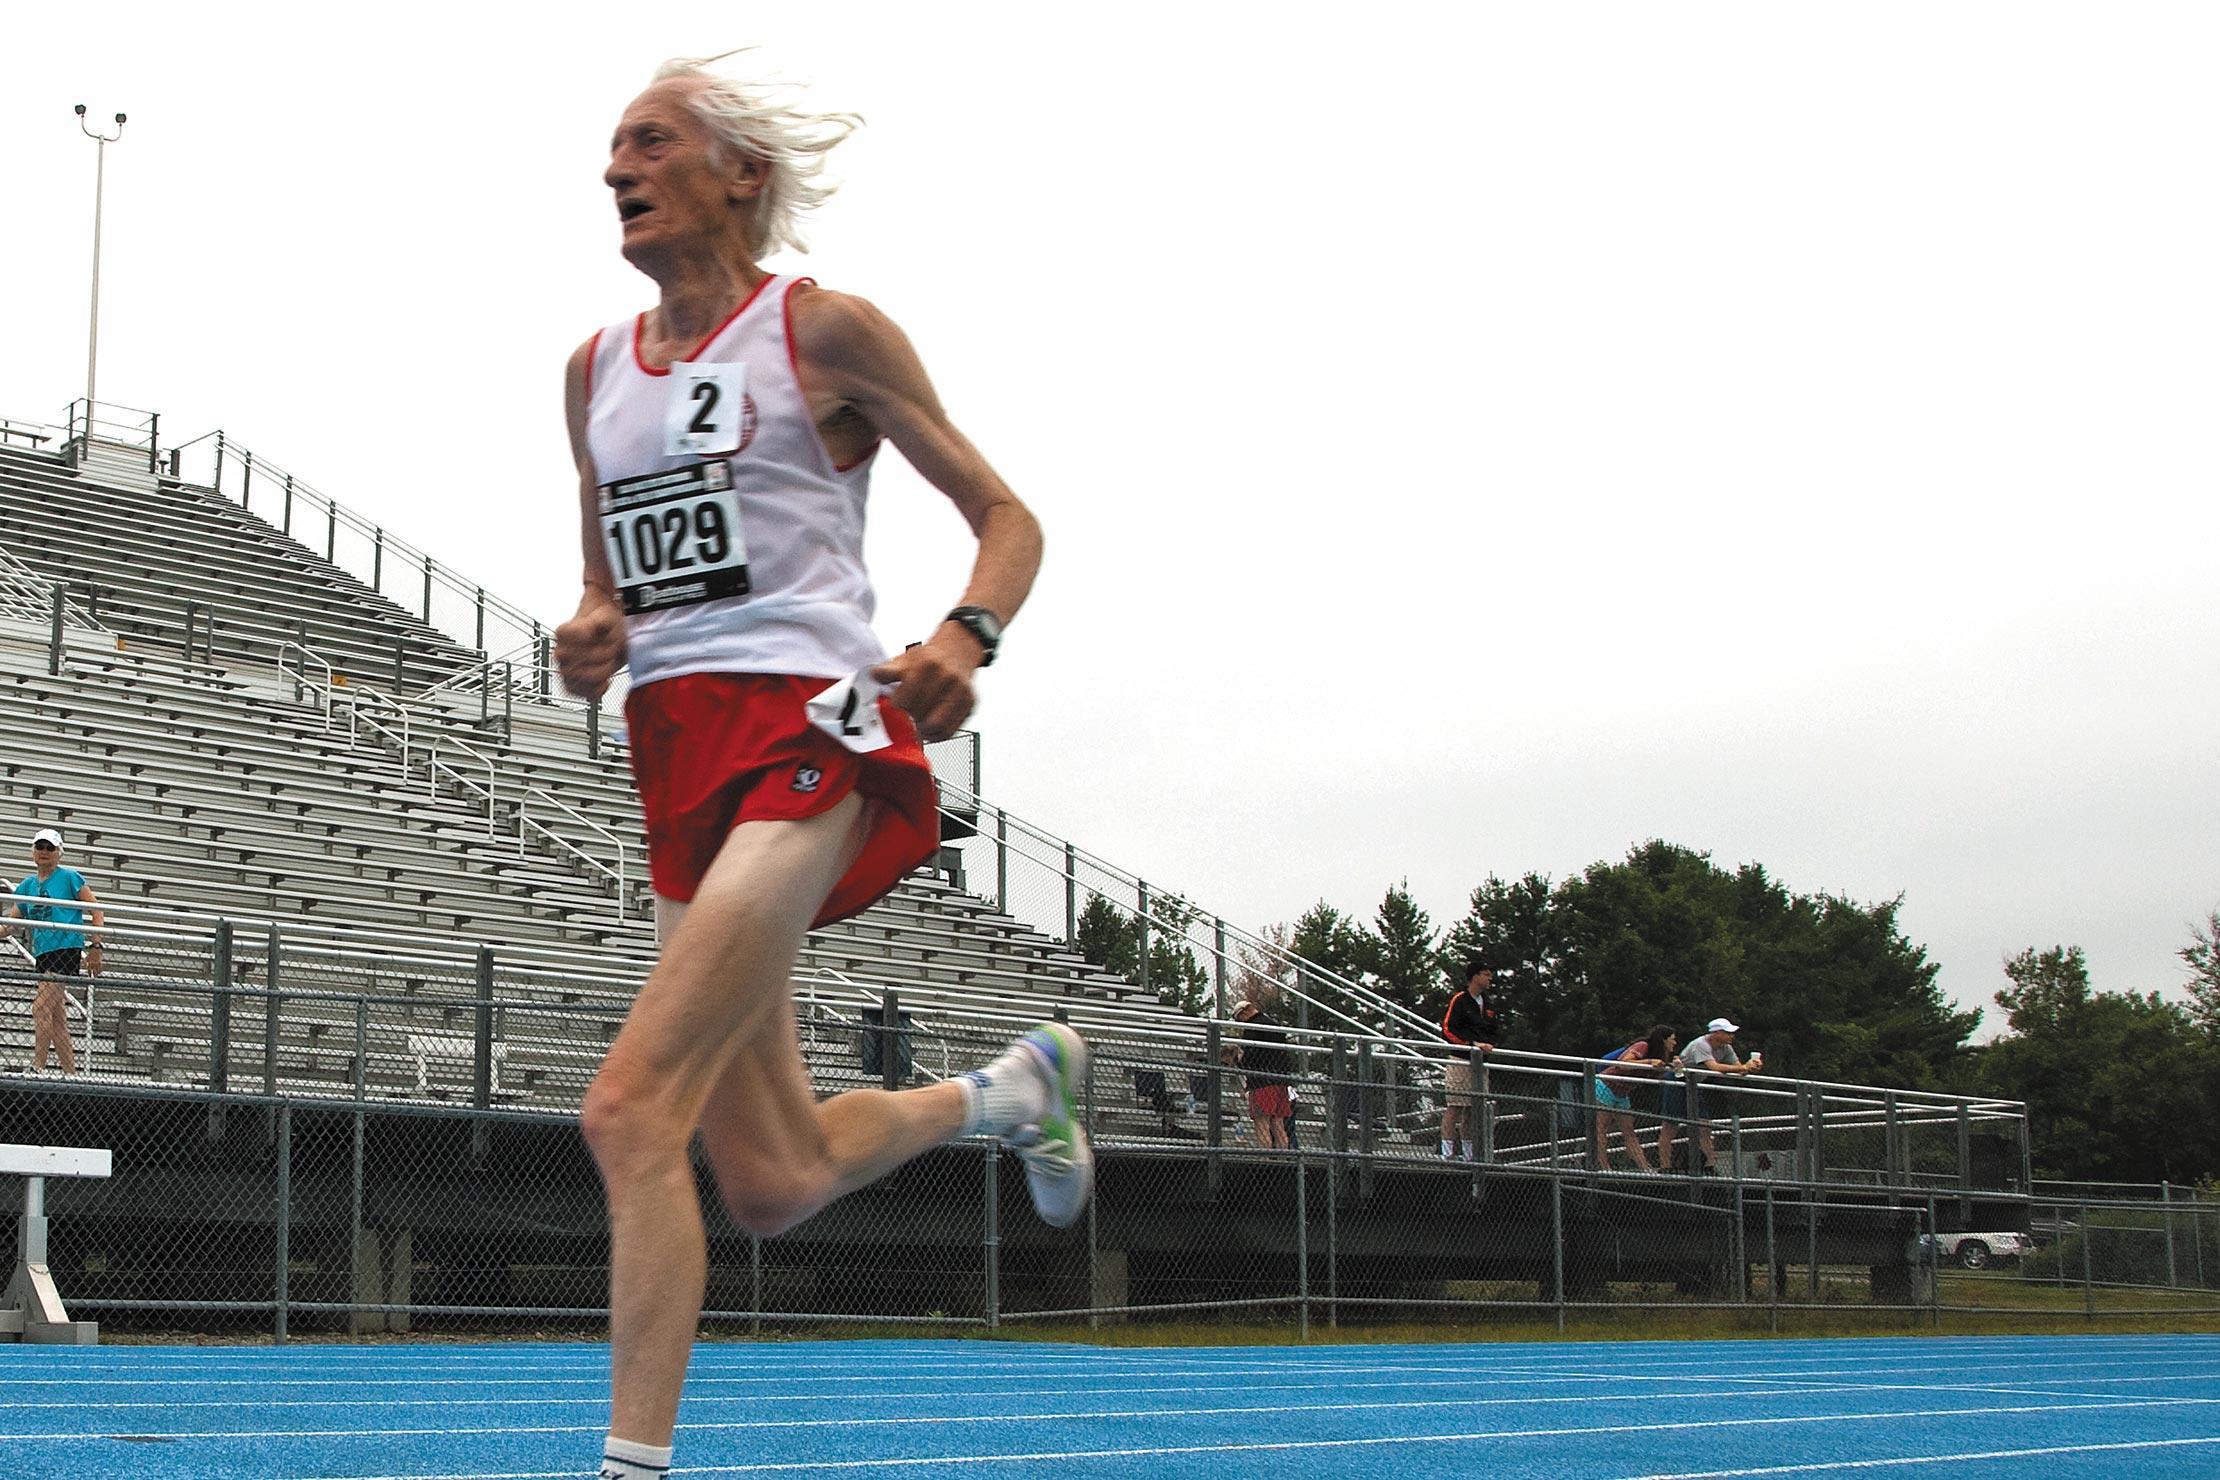 Ed Whitlock - récord mundial a los 85 años - Locos por correr